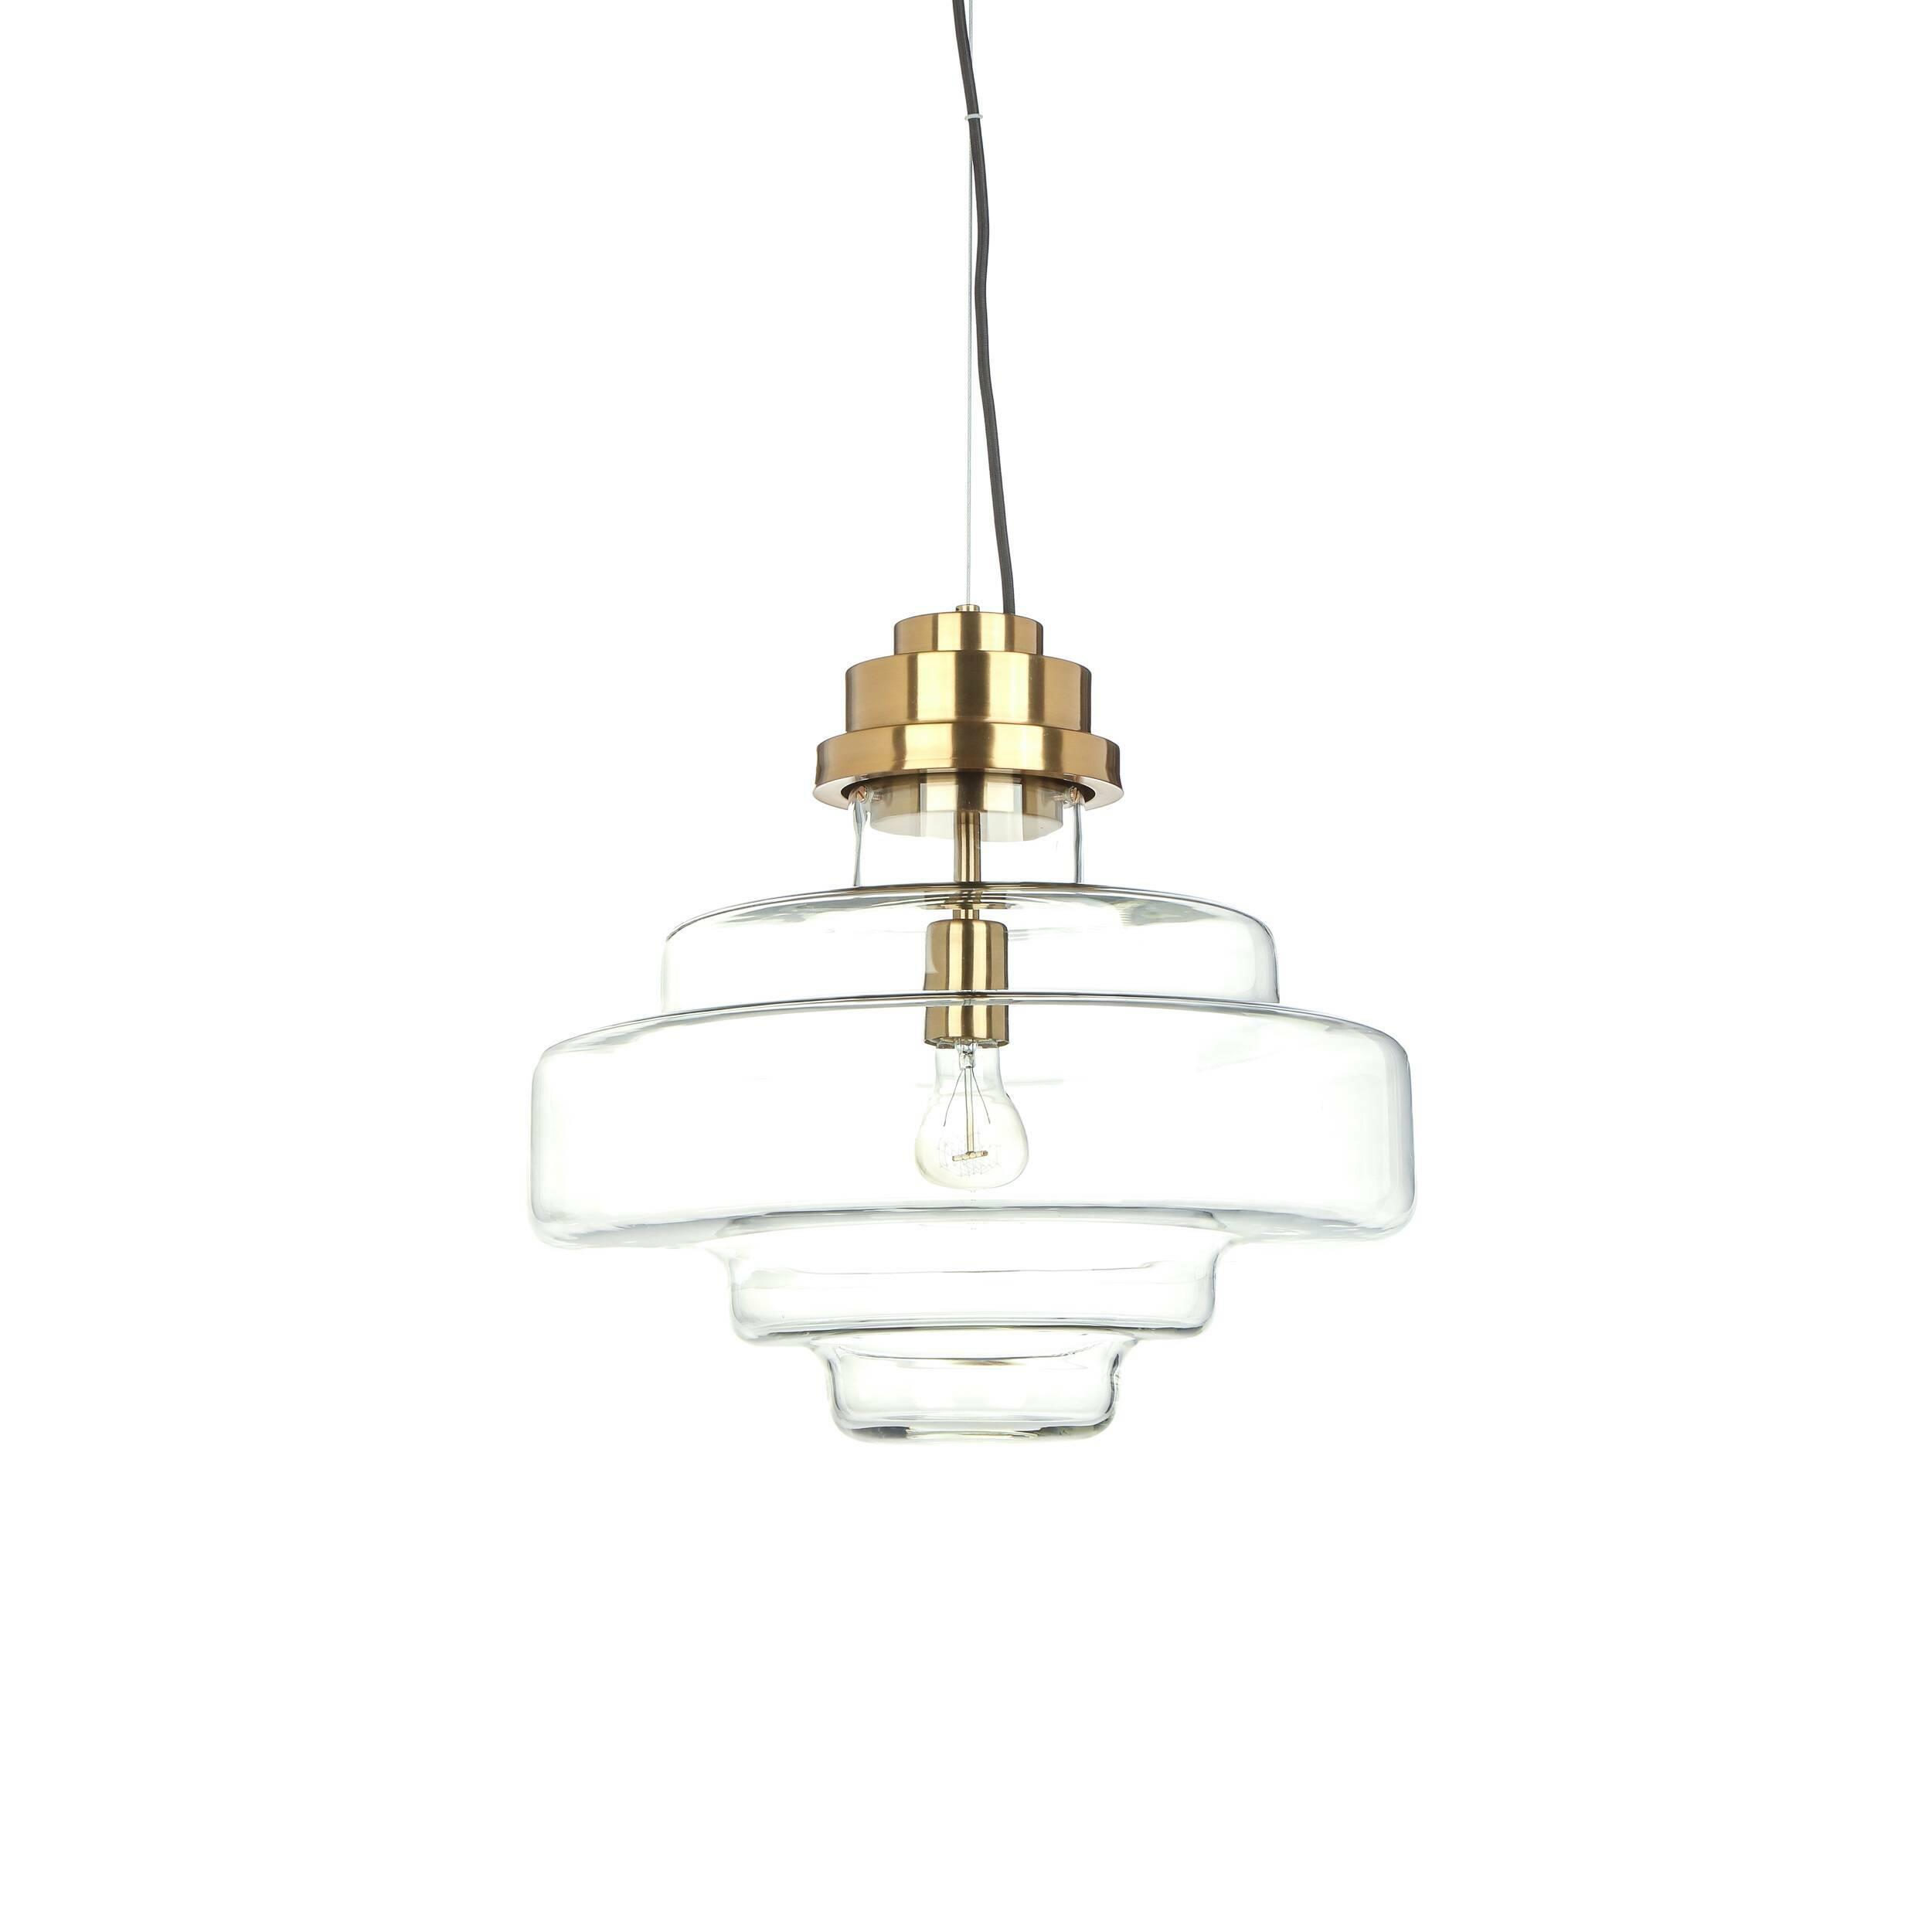 Подвесной светильник Cap FerratПодвесные<br>Дизайнерский подвесной светильник Cap Ferrat (Кап Ферра) представляет собой интересное изделие, которое может стать как элегантным украшением интерьера в стиле модерн, так и стильным дополнением лофт-пространства. Эта модель также особенно приглянется ценителям симметрии и гармонии в окружающей обстановке.<br><br><br> В качестве отделочных материалов в лофте часто присутствует сталь и стекло. Из них сделана и эта модель светильника – его основа изготавливается из стали и обладает потрясающе кр...<br><br>stock: 6<br>Высота: 42<br>Диаметр: 45<br>Материал абажура: Стекло<br>Материал арматуры: Сталь<br>Мощность лампы: 40<br>Ламп в комплекте: Нет<br>Напряжение: 200-240<br>Тип лампы/цоколь: E27<br>Цвет абажура: Прозрачный<br>Цвет арматуры: Золотой<br>Цвет провода: Черный